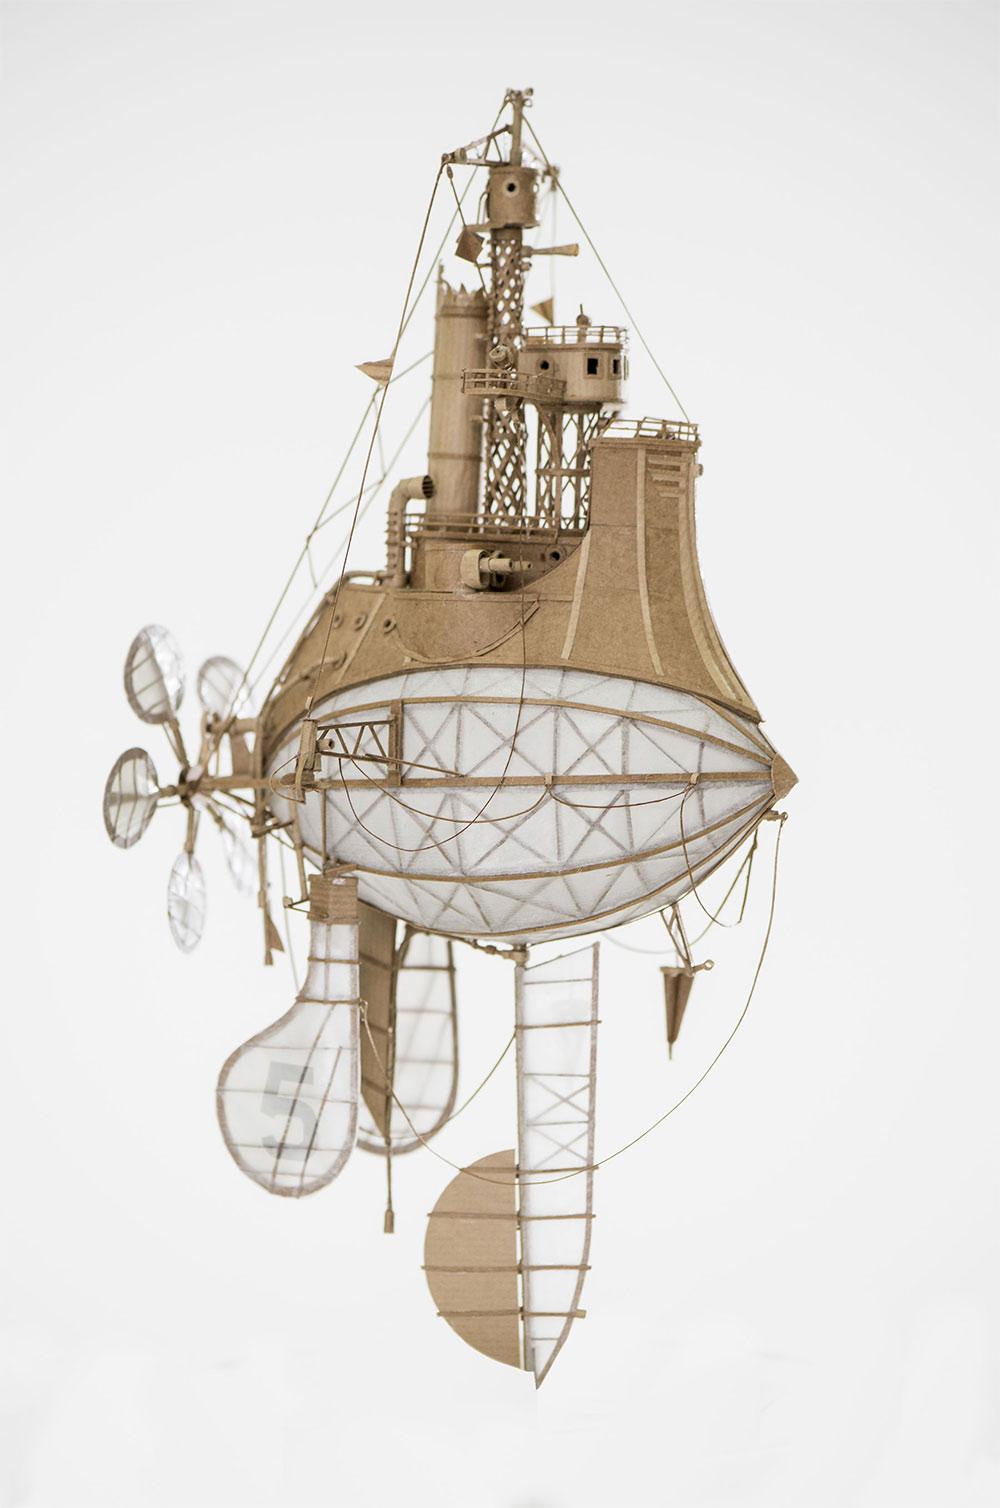 An Astounding Series of Airships Handcrafted in Cardboard by Jeroen van Kesteren